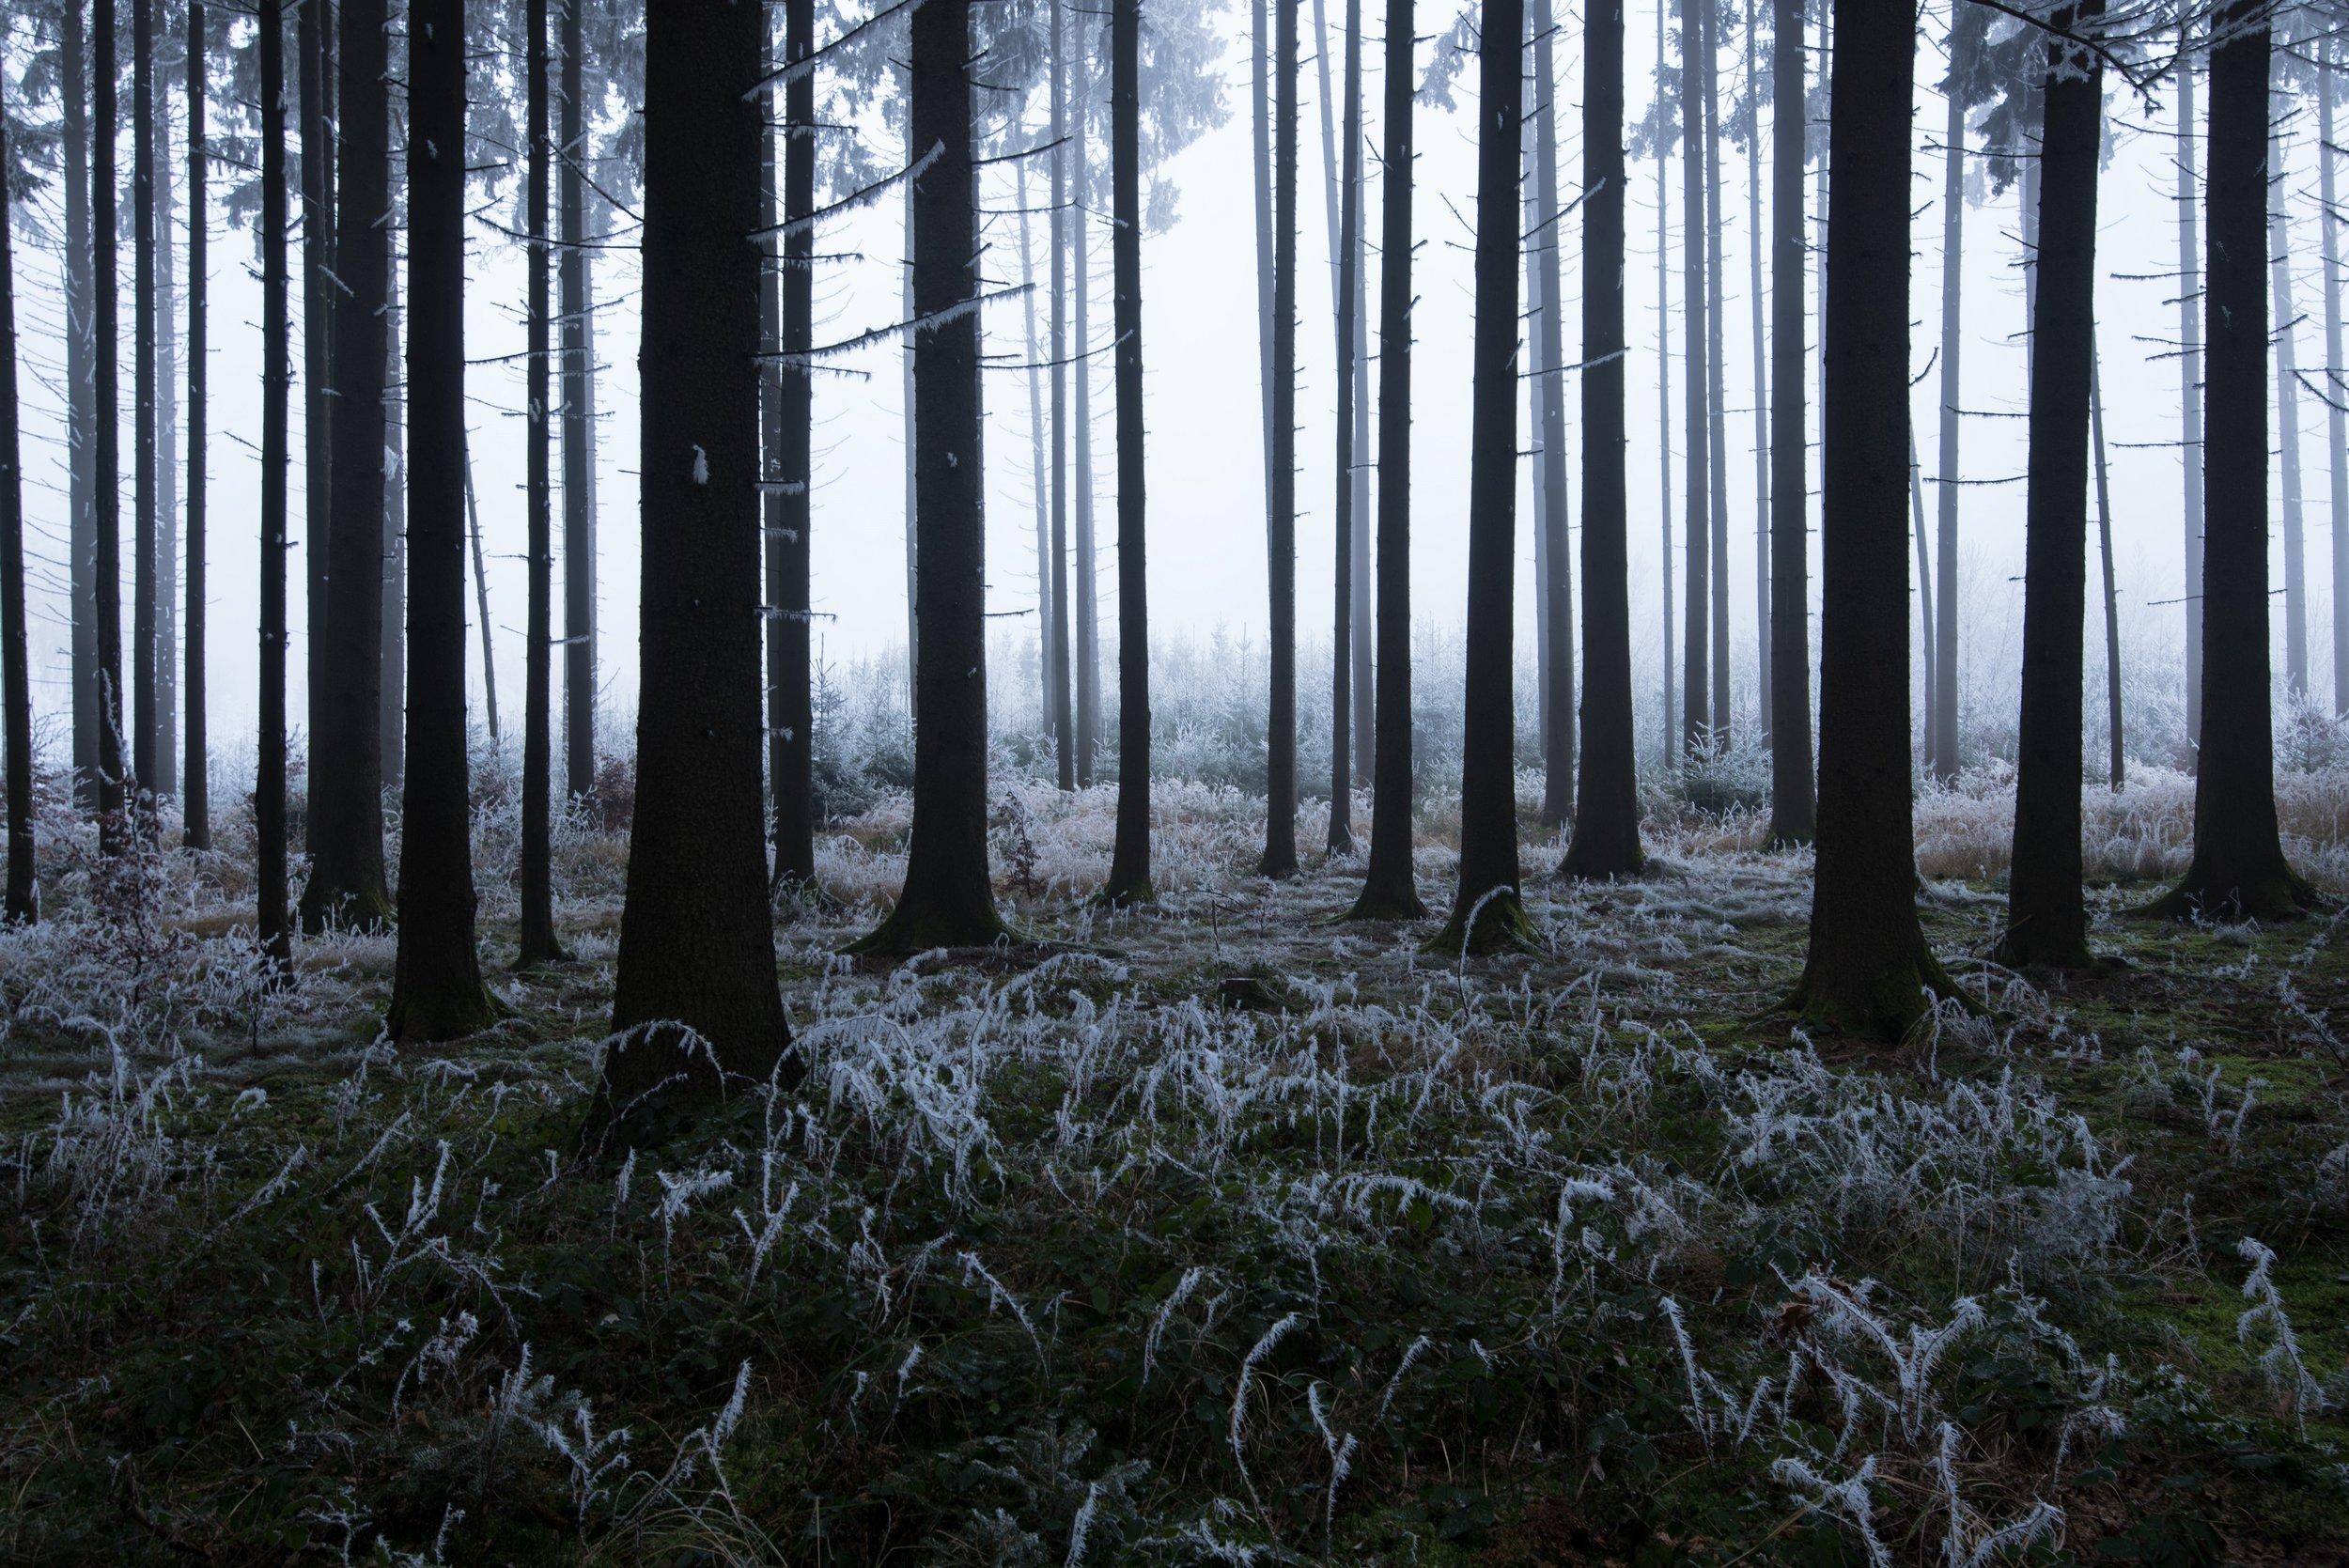 Bastian_Werner_Seminar_Winterlandschaft_photo19_1.jpg